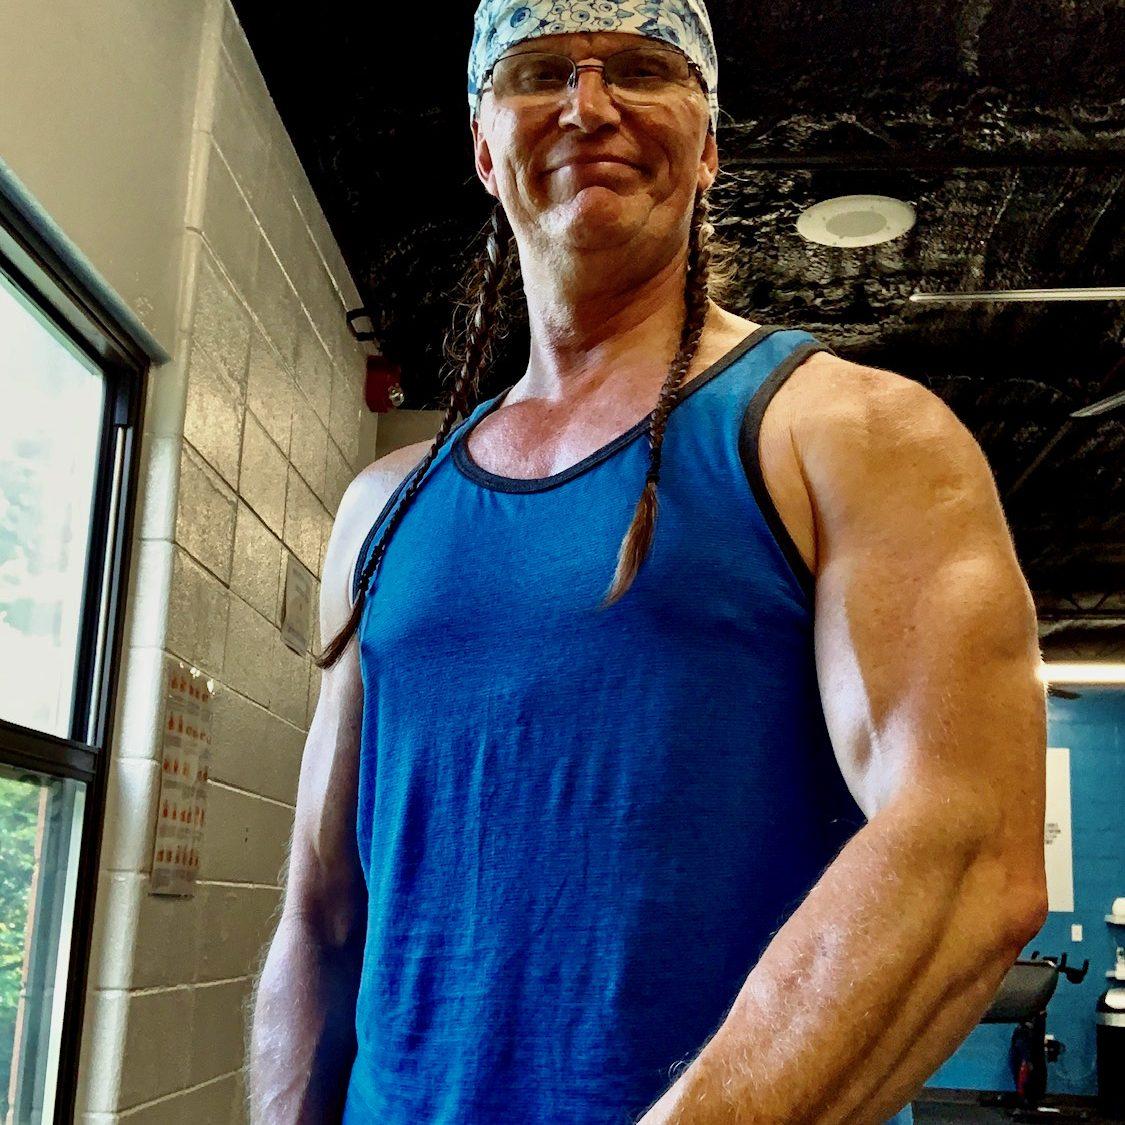 John Two-Hawks standing in Fitness Center